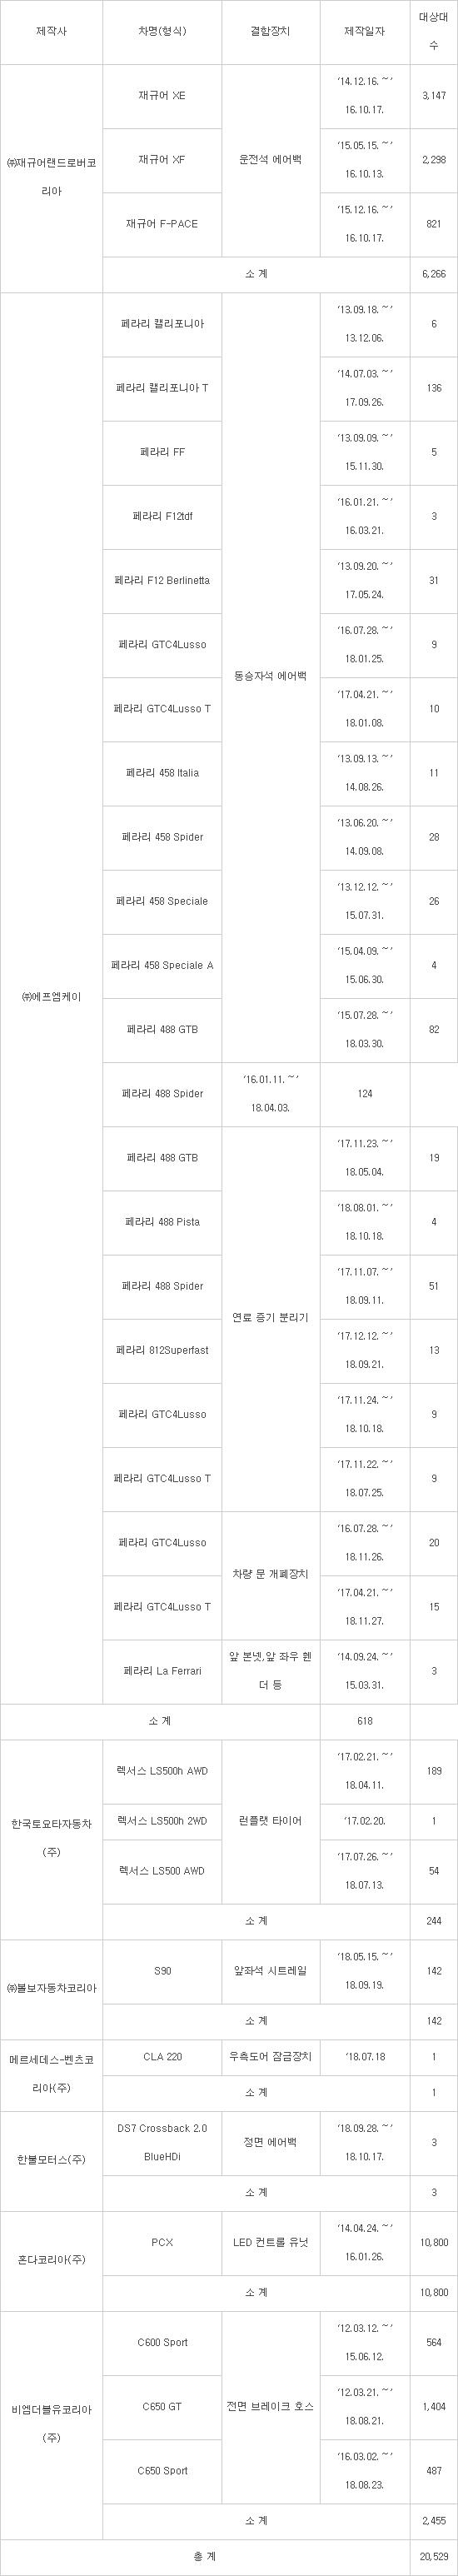 """'슈퍼카' 페라리 13종 대거 리콜…""""안전기준 위반"""""""